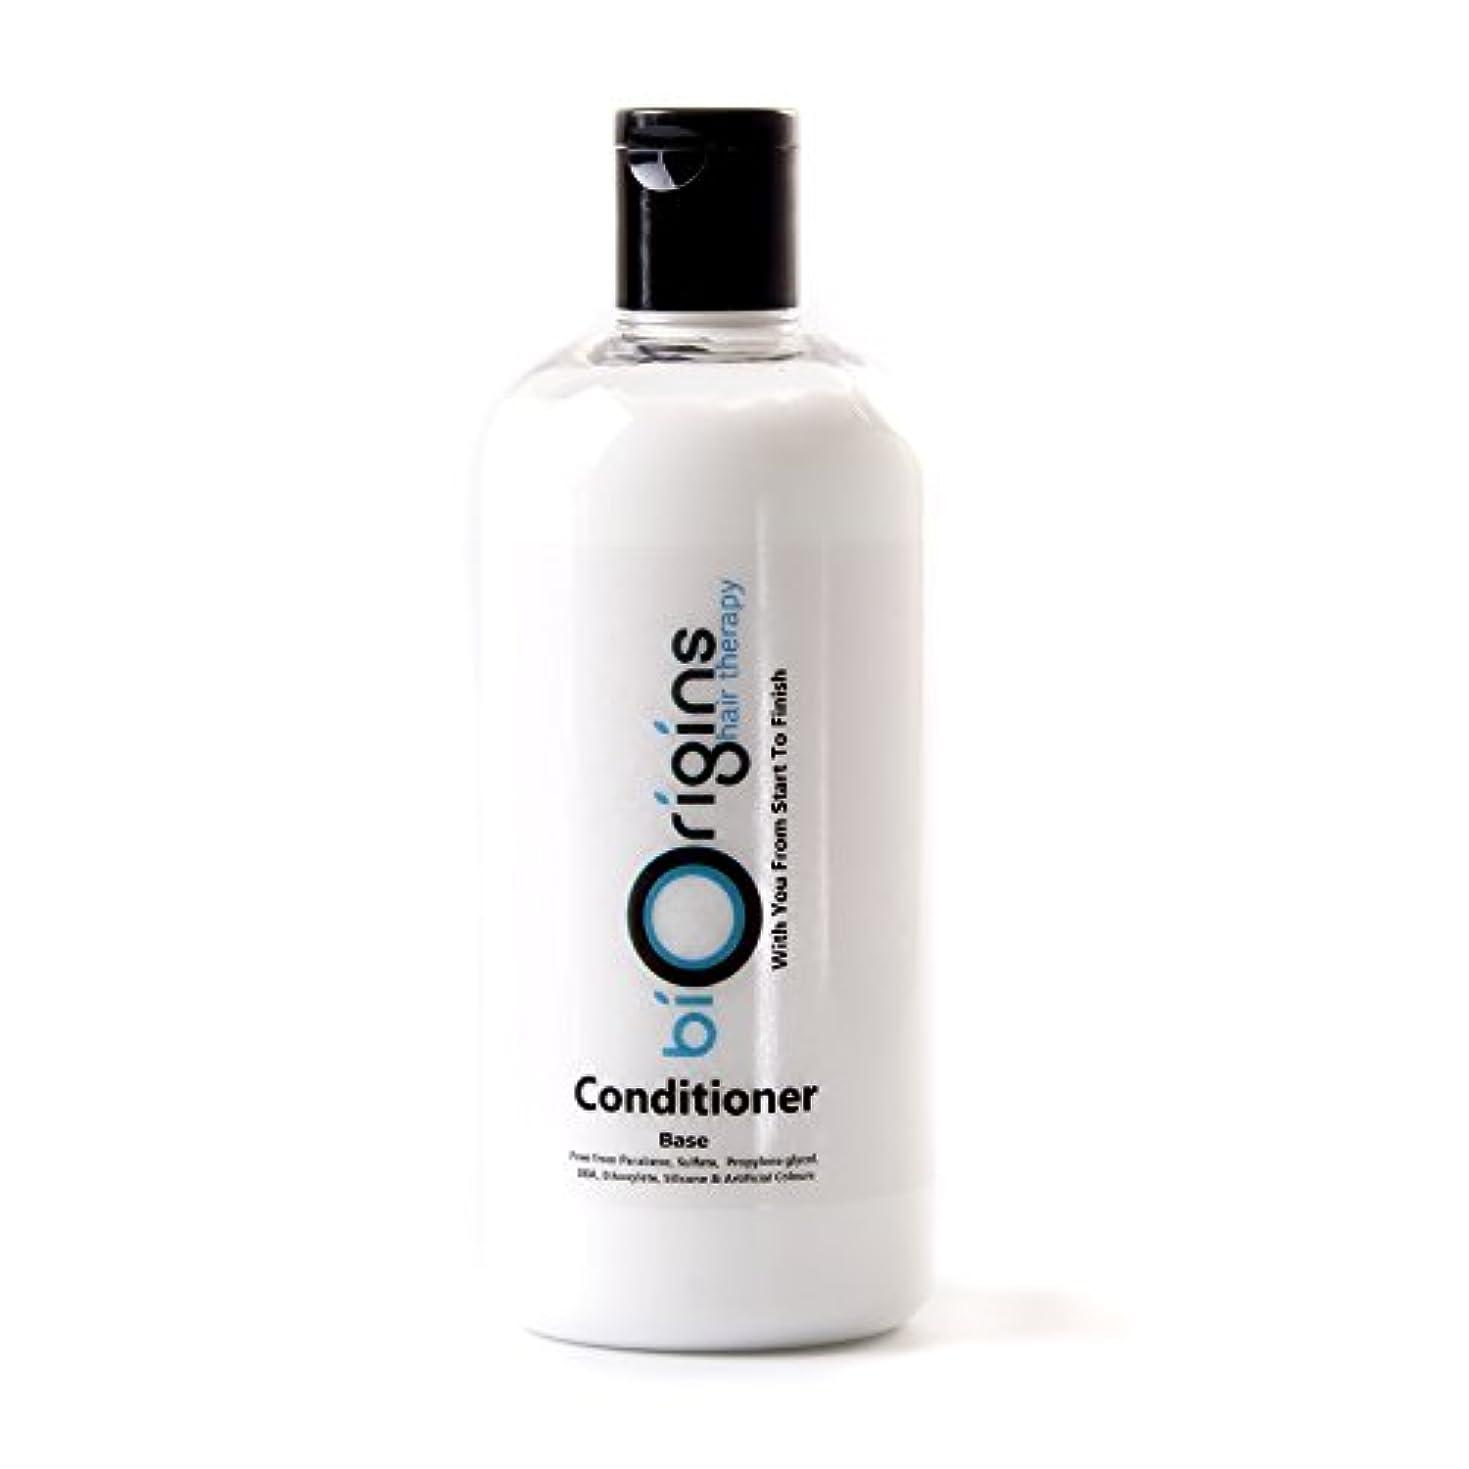 情報暴露爆発Conditioner Base Natural Unscented - 500g